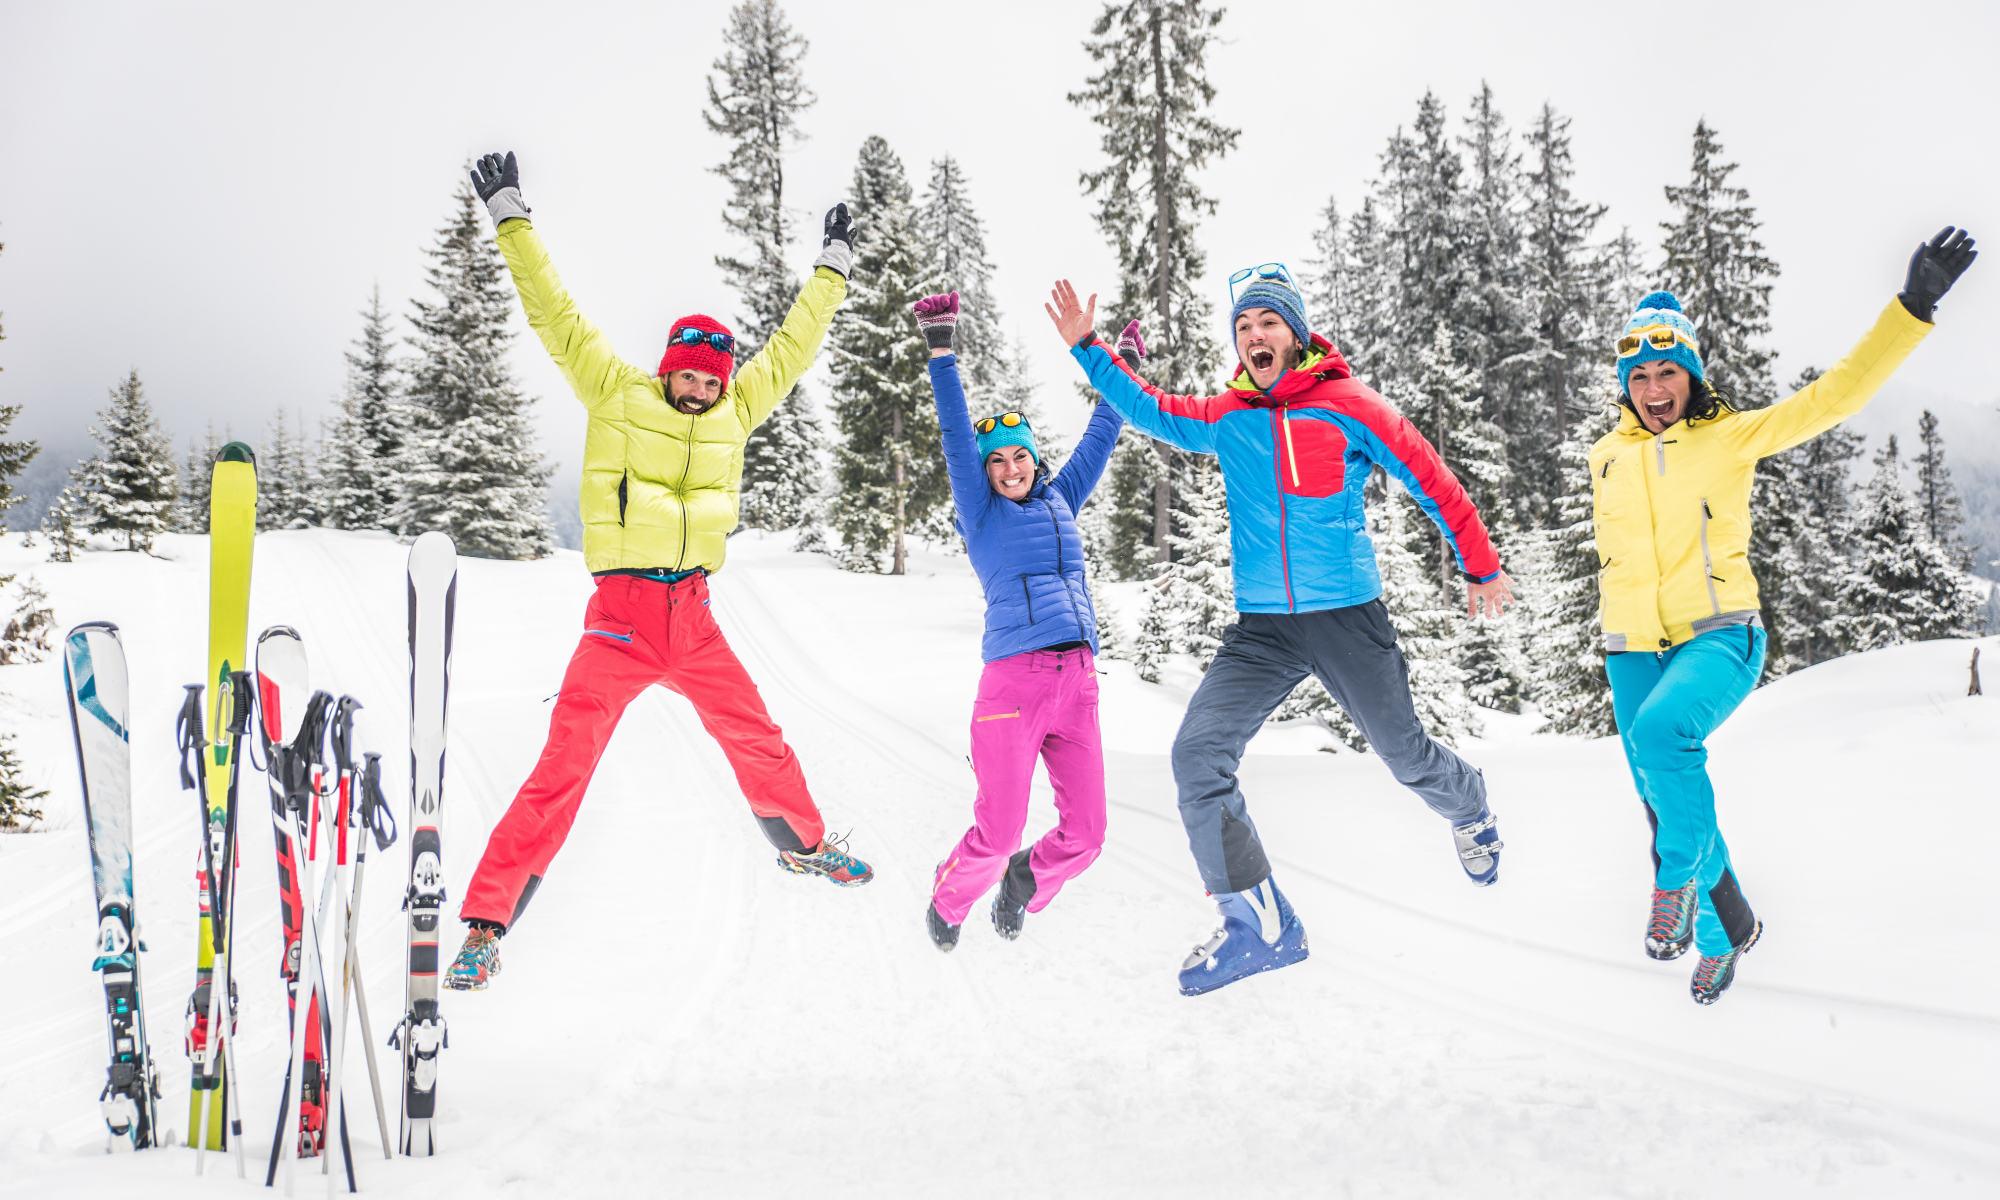 4 amici saltano sulla neve mentre posano per una foto, accanto alla loro attrezzatura da sci.